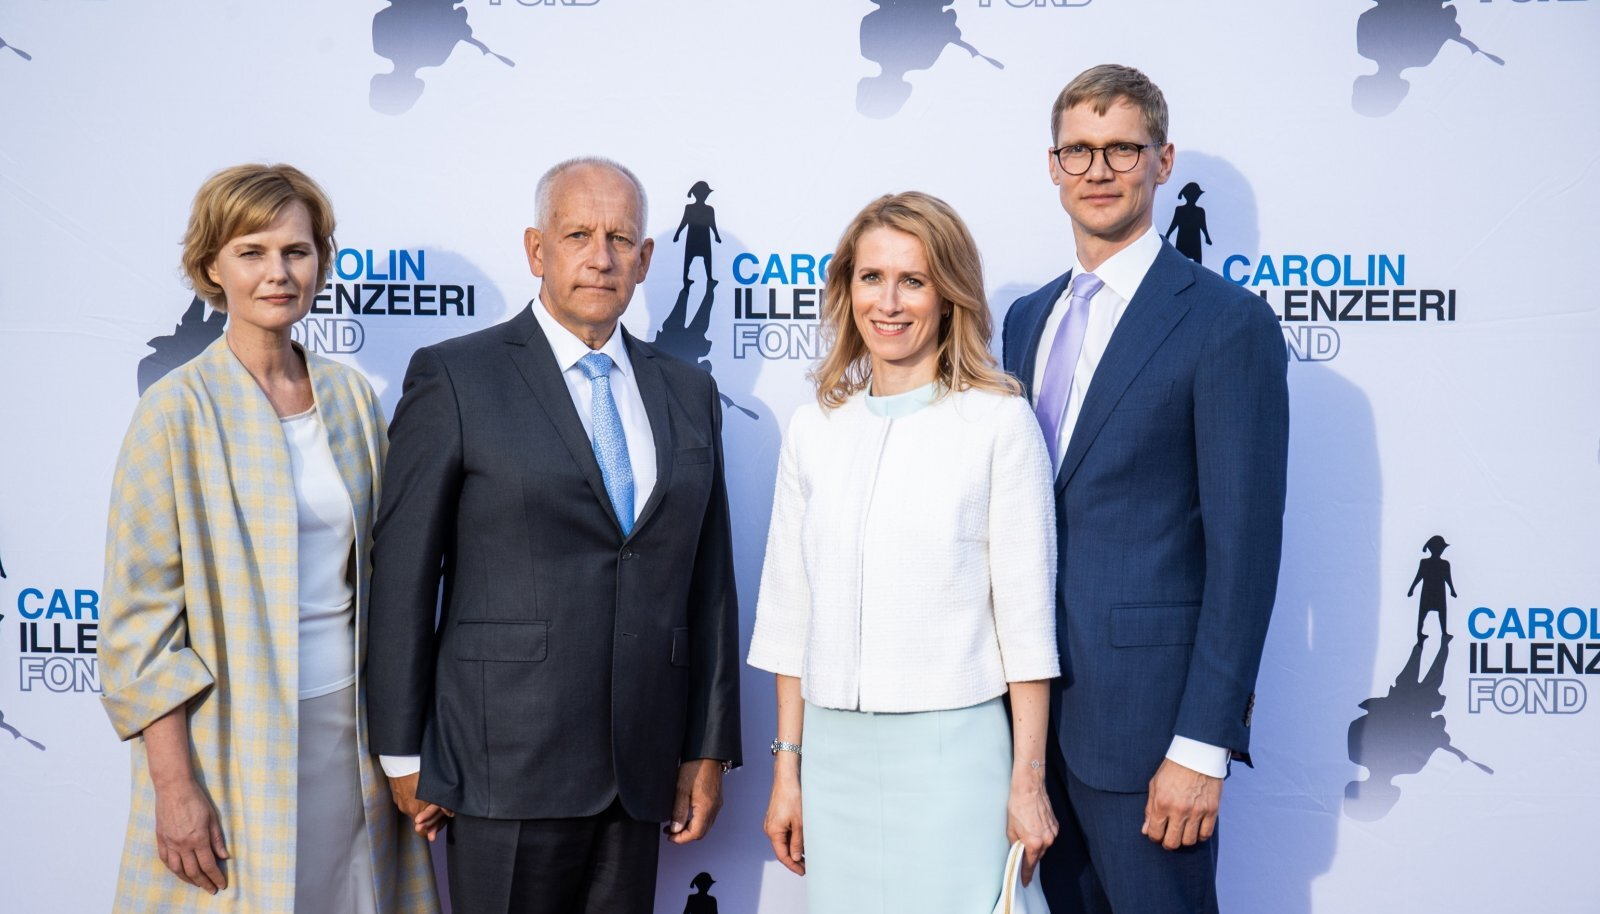 TUUMIK Carolin Illenzeeri Fondi nõukogu esimees Vello Väinsalu koos elukaaslase Triin Ermiga ja peaminister Kaja Kallas abikaasa Arvo Hallikuga.